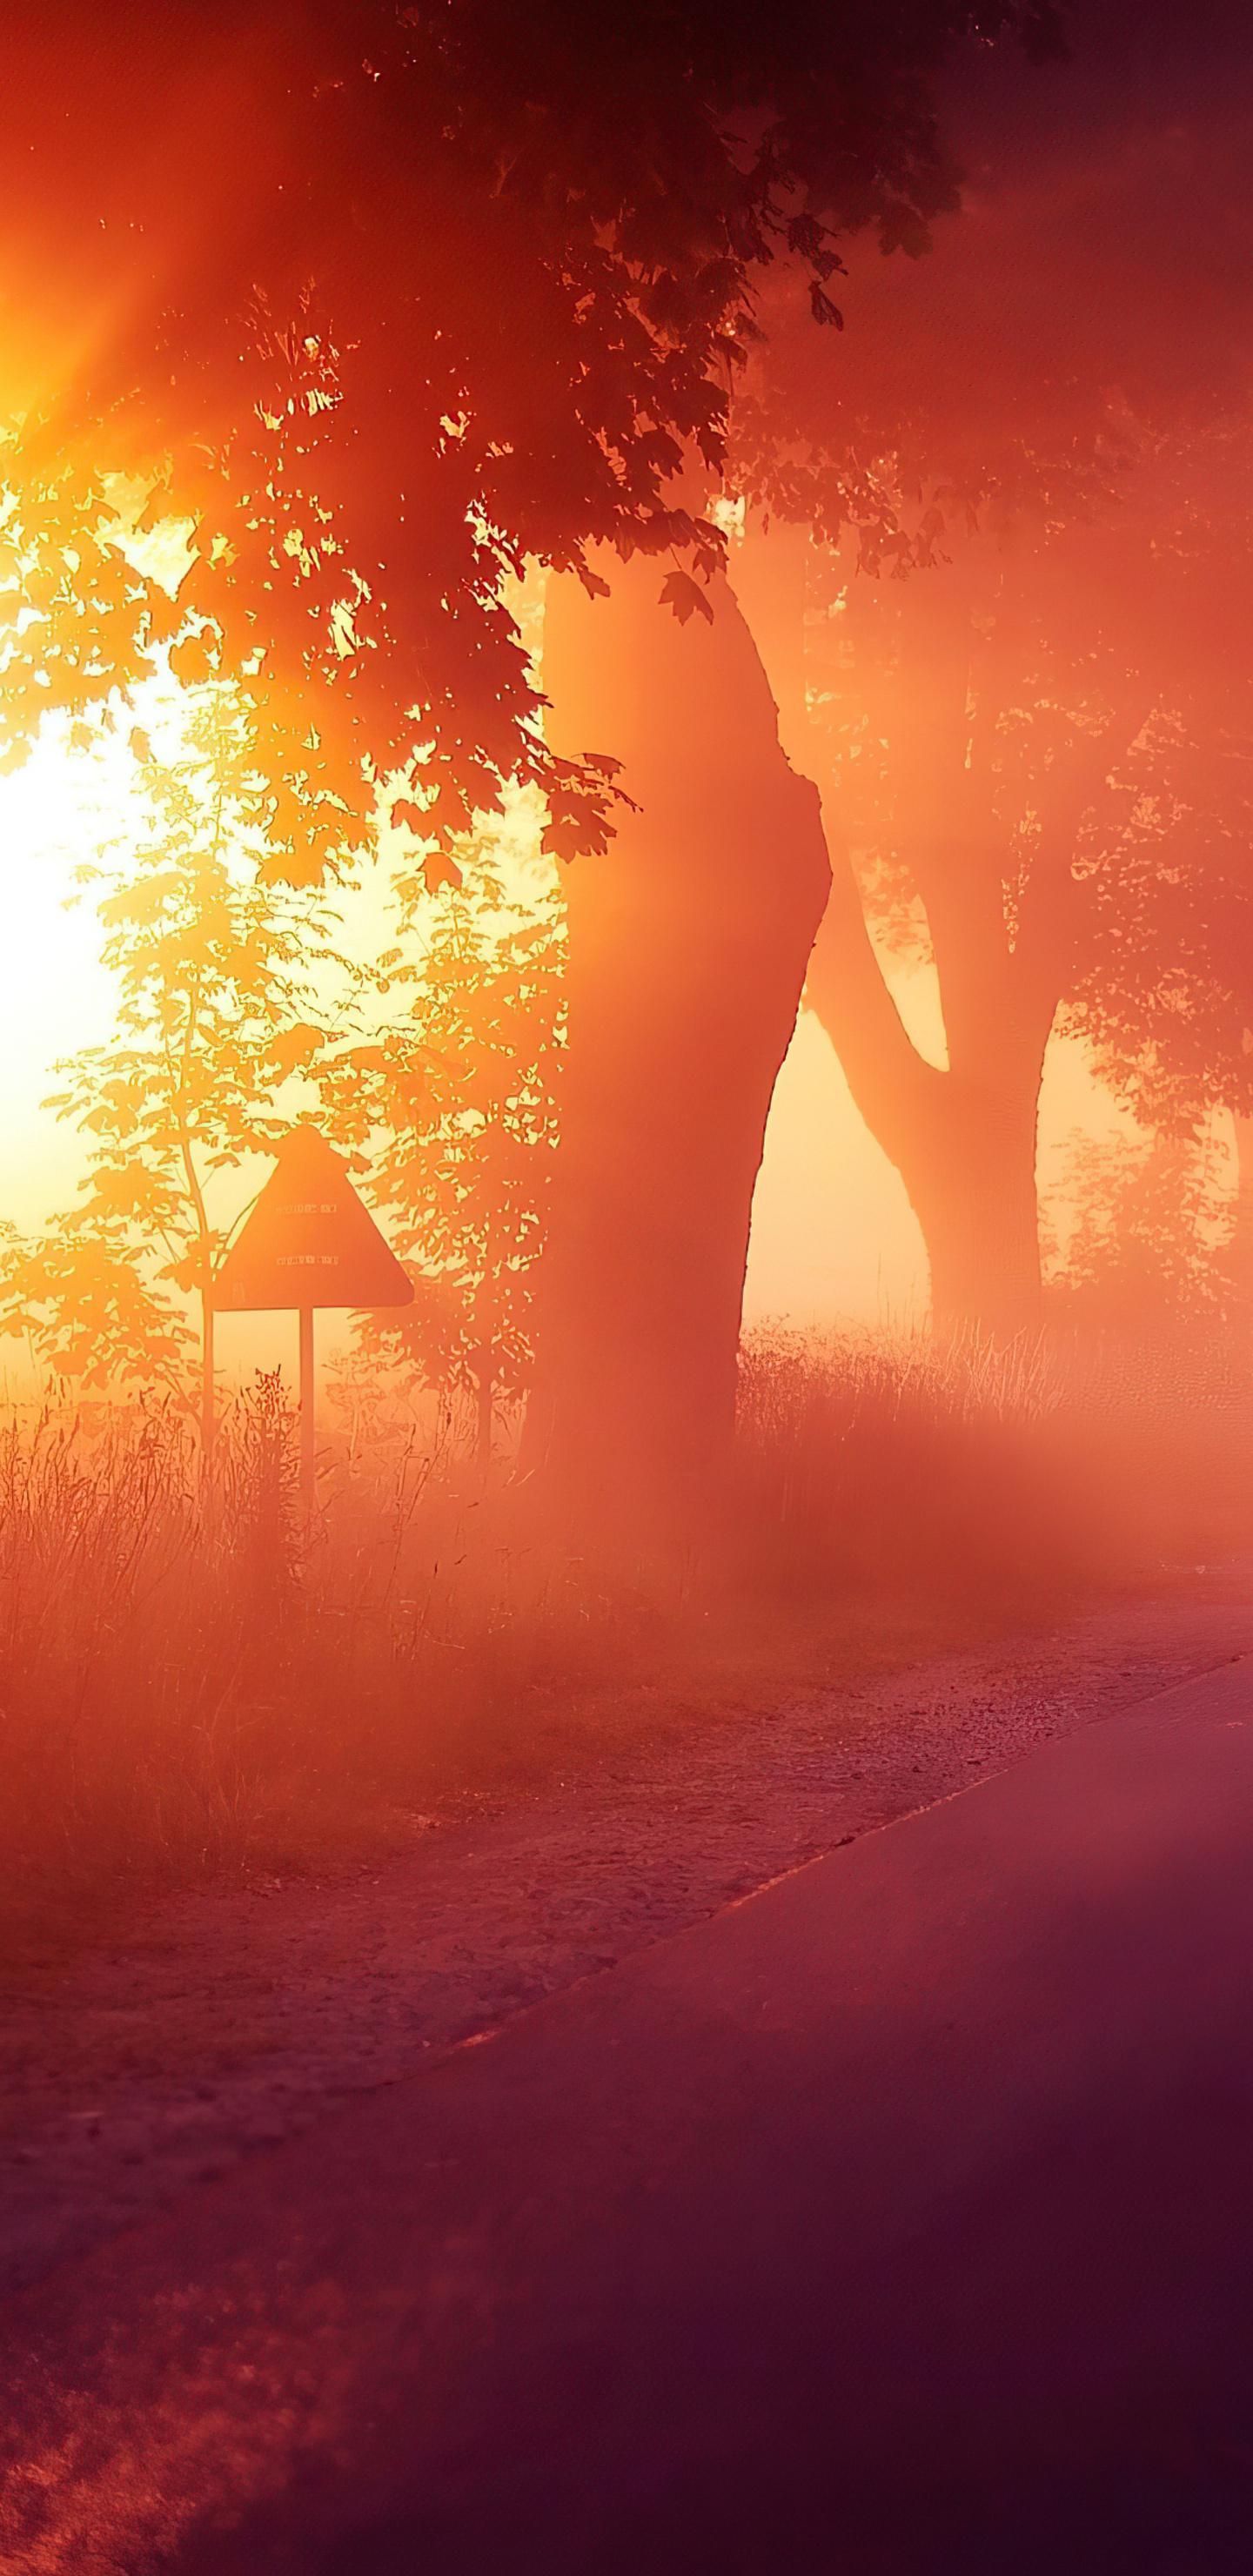 sun-rays-mist-road-4k-xa.jpg